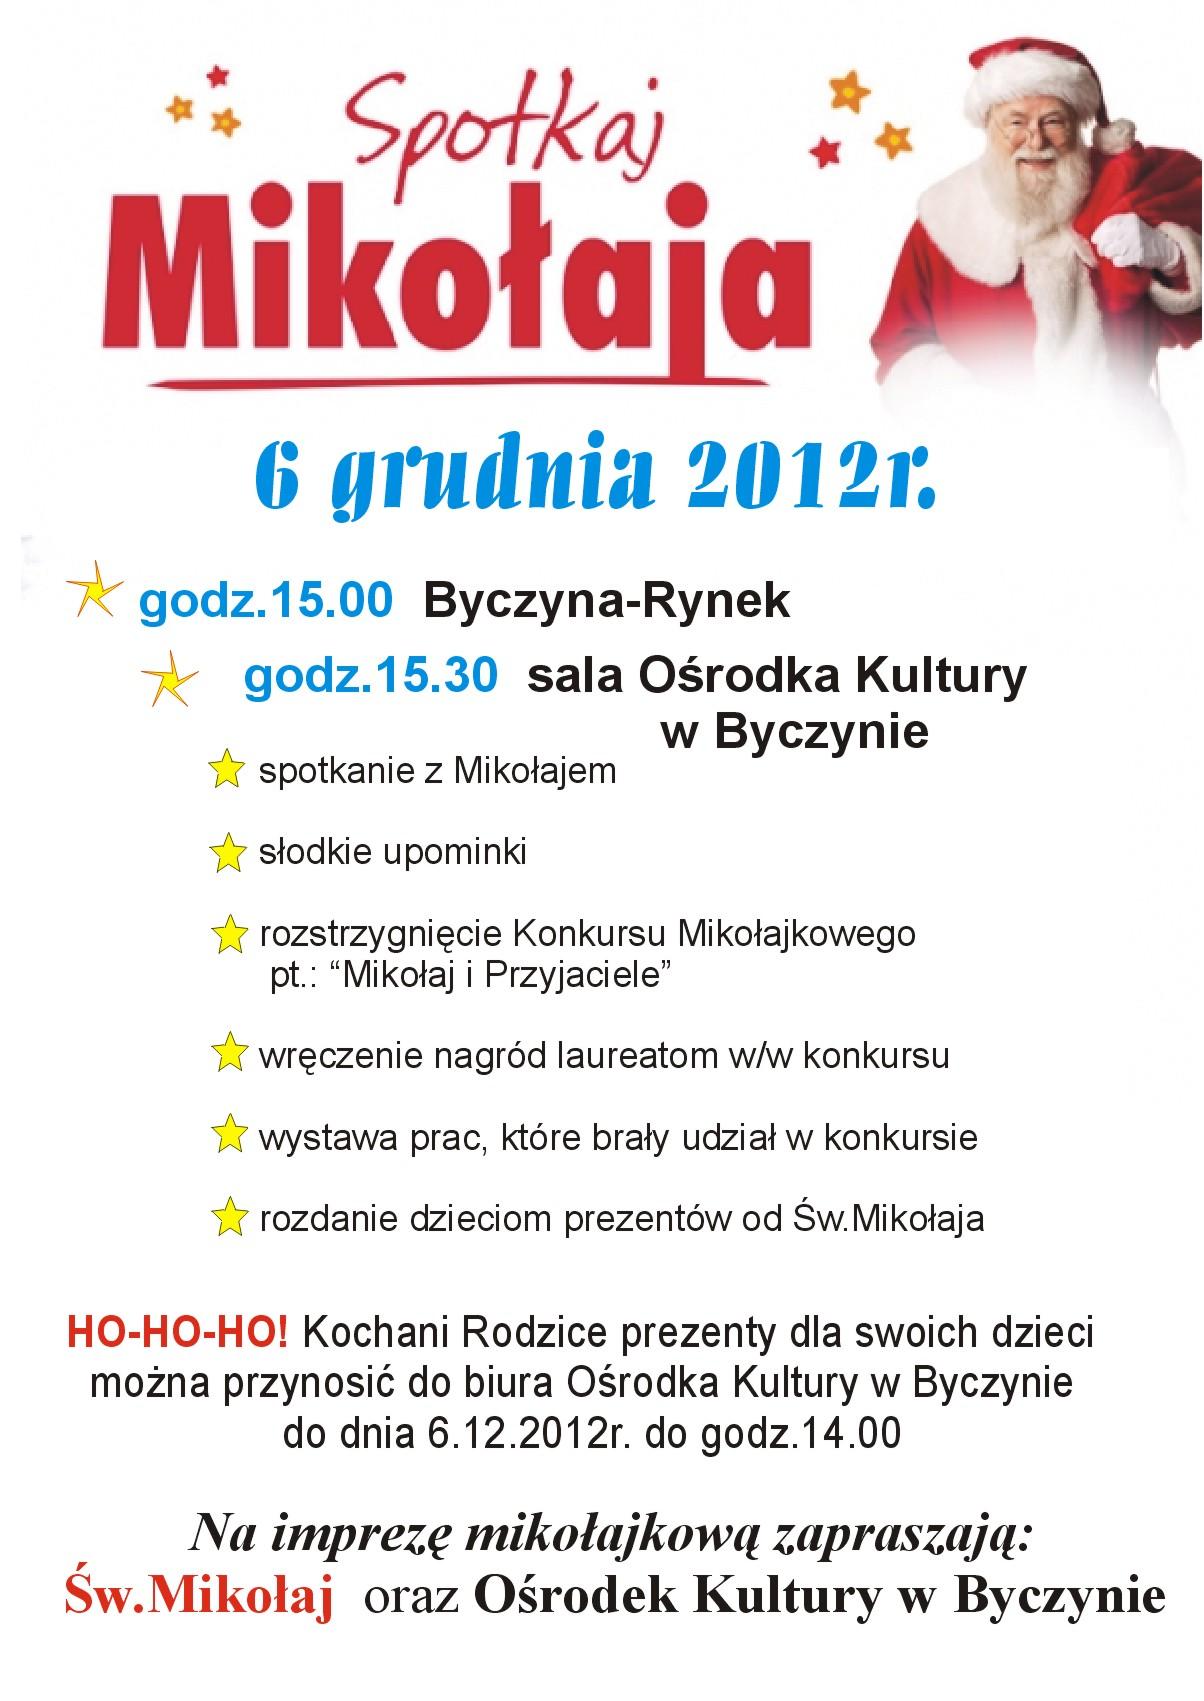 mikolajki2012.jpeg